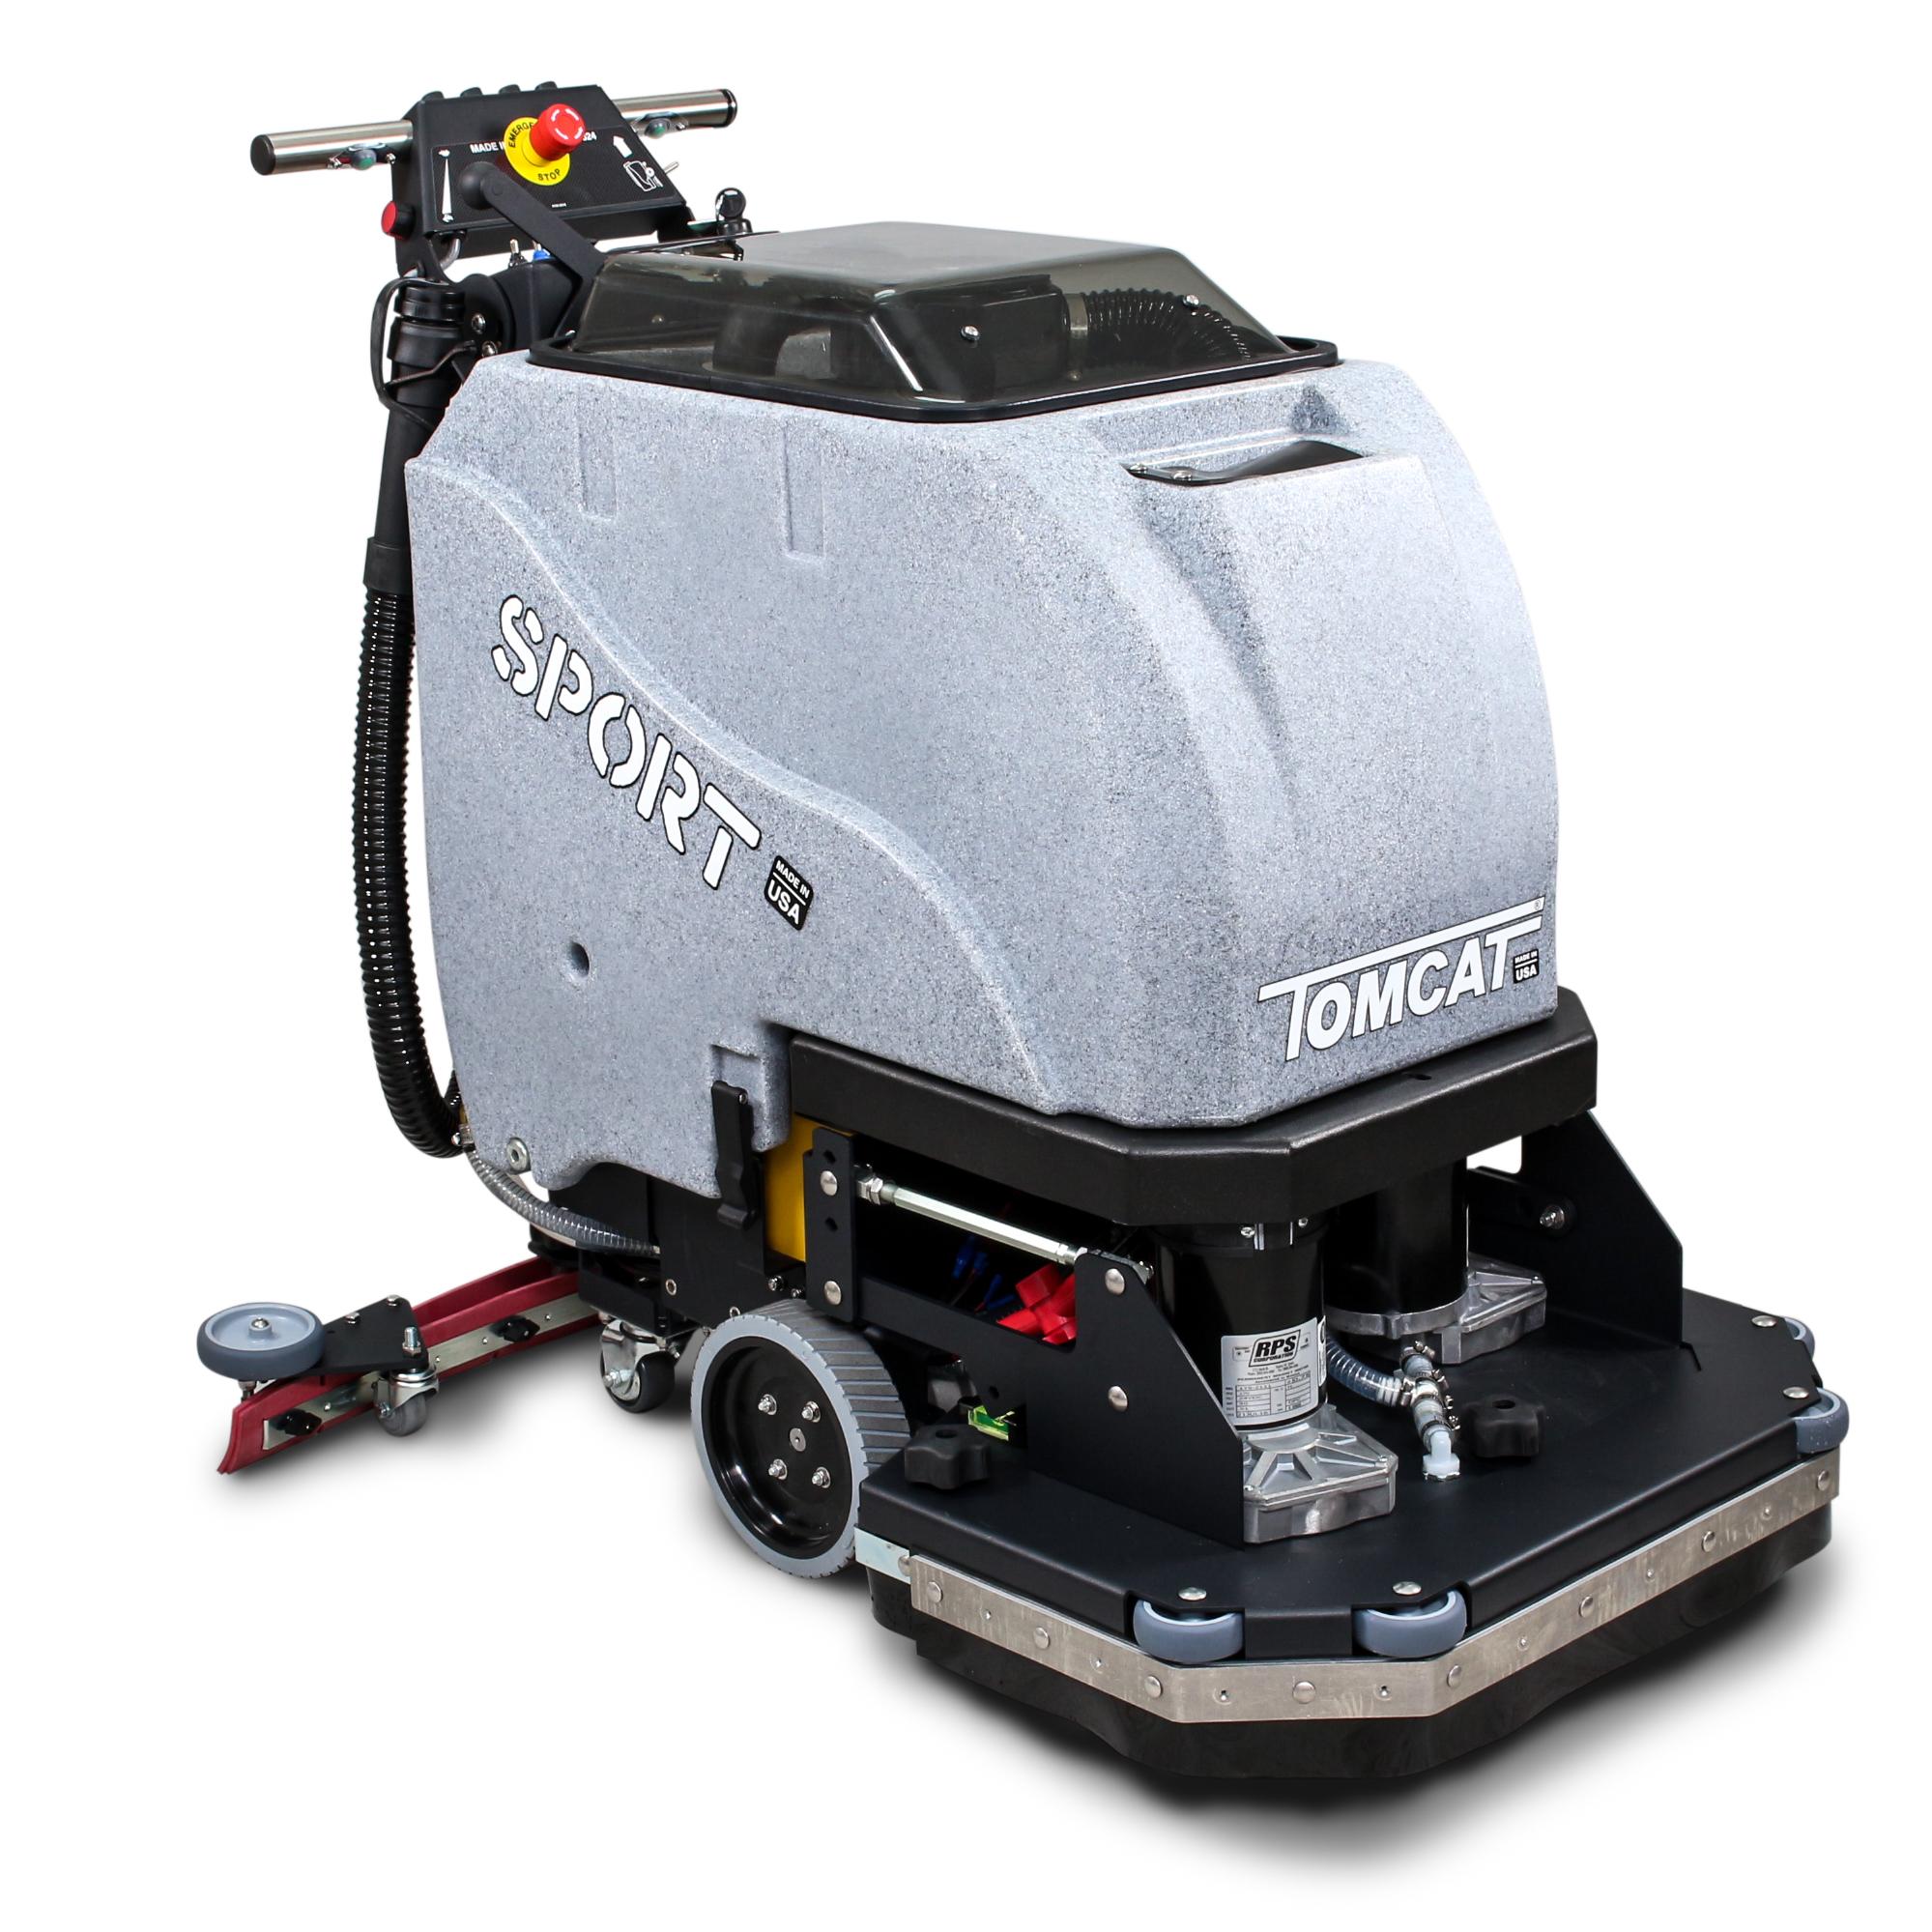 Tomcat Sport Walk Behind Floor Scrubber Dryer System